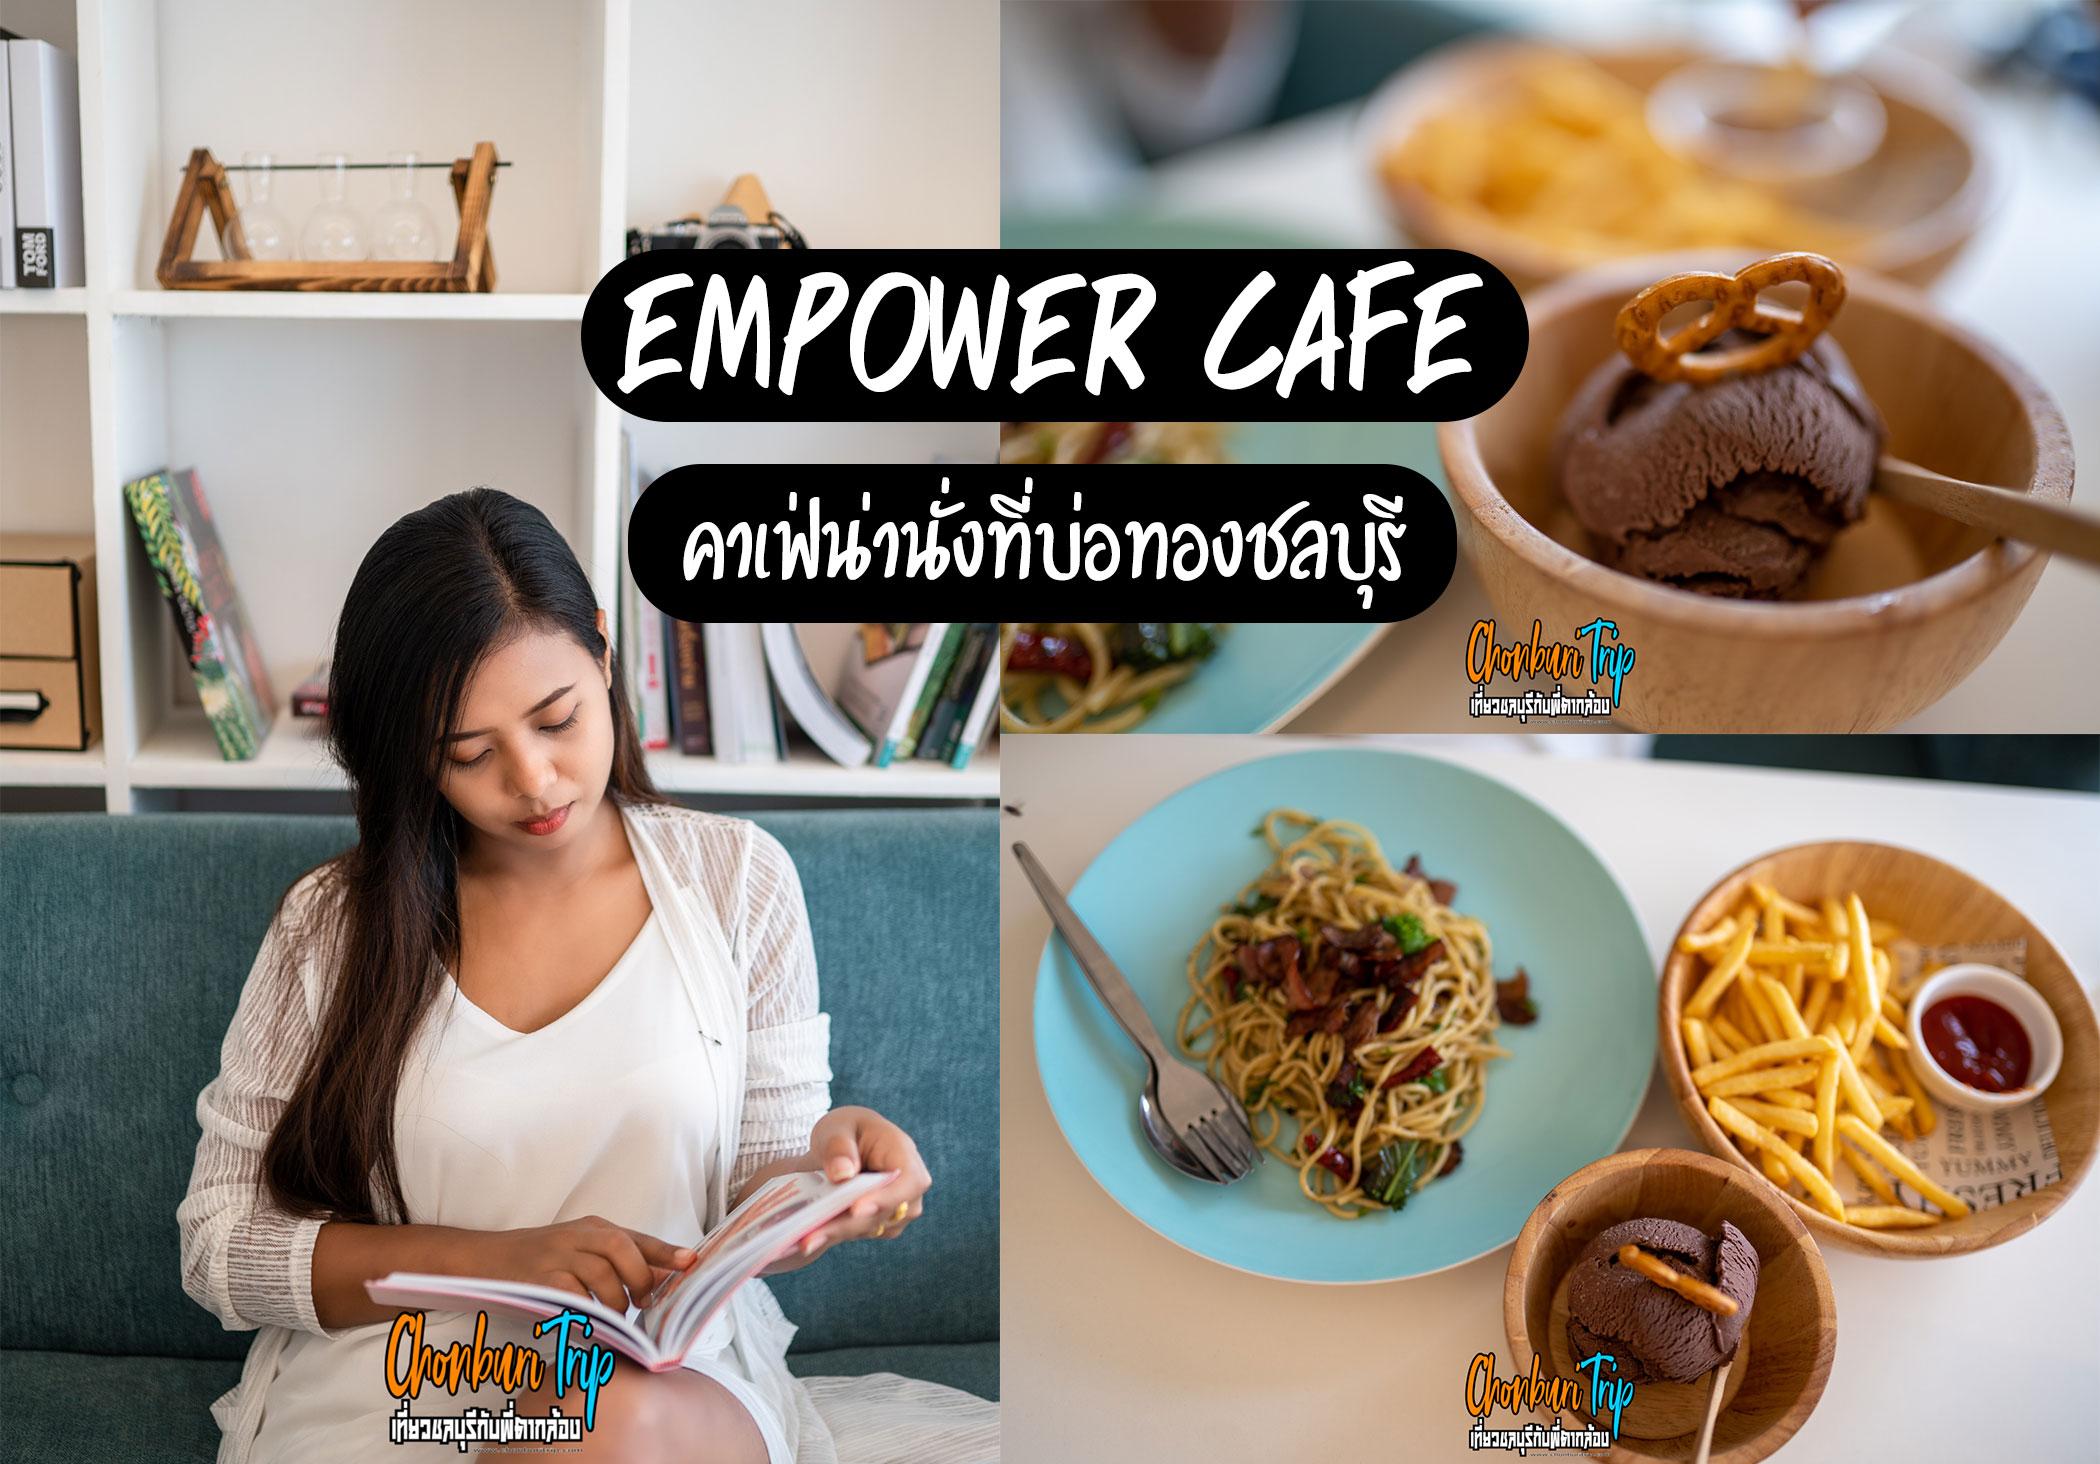 Empower-Cafe-คาเฟ่บ่อทอง